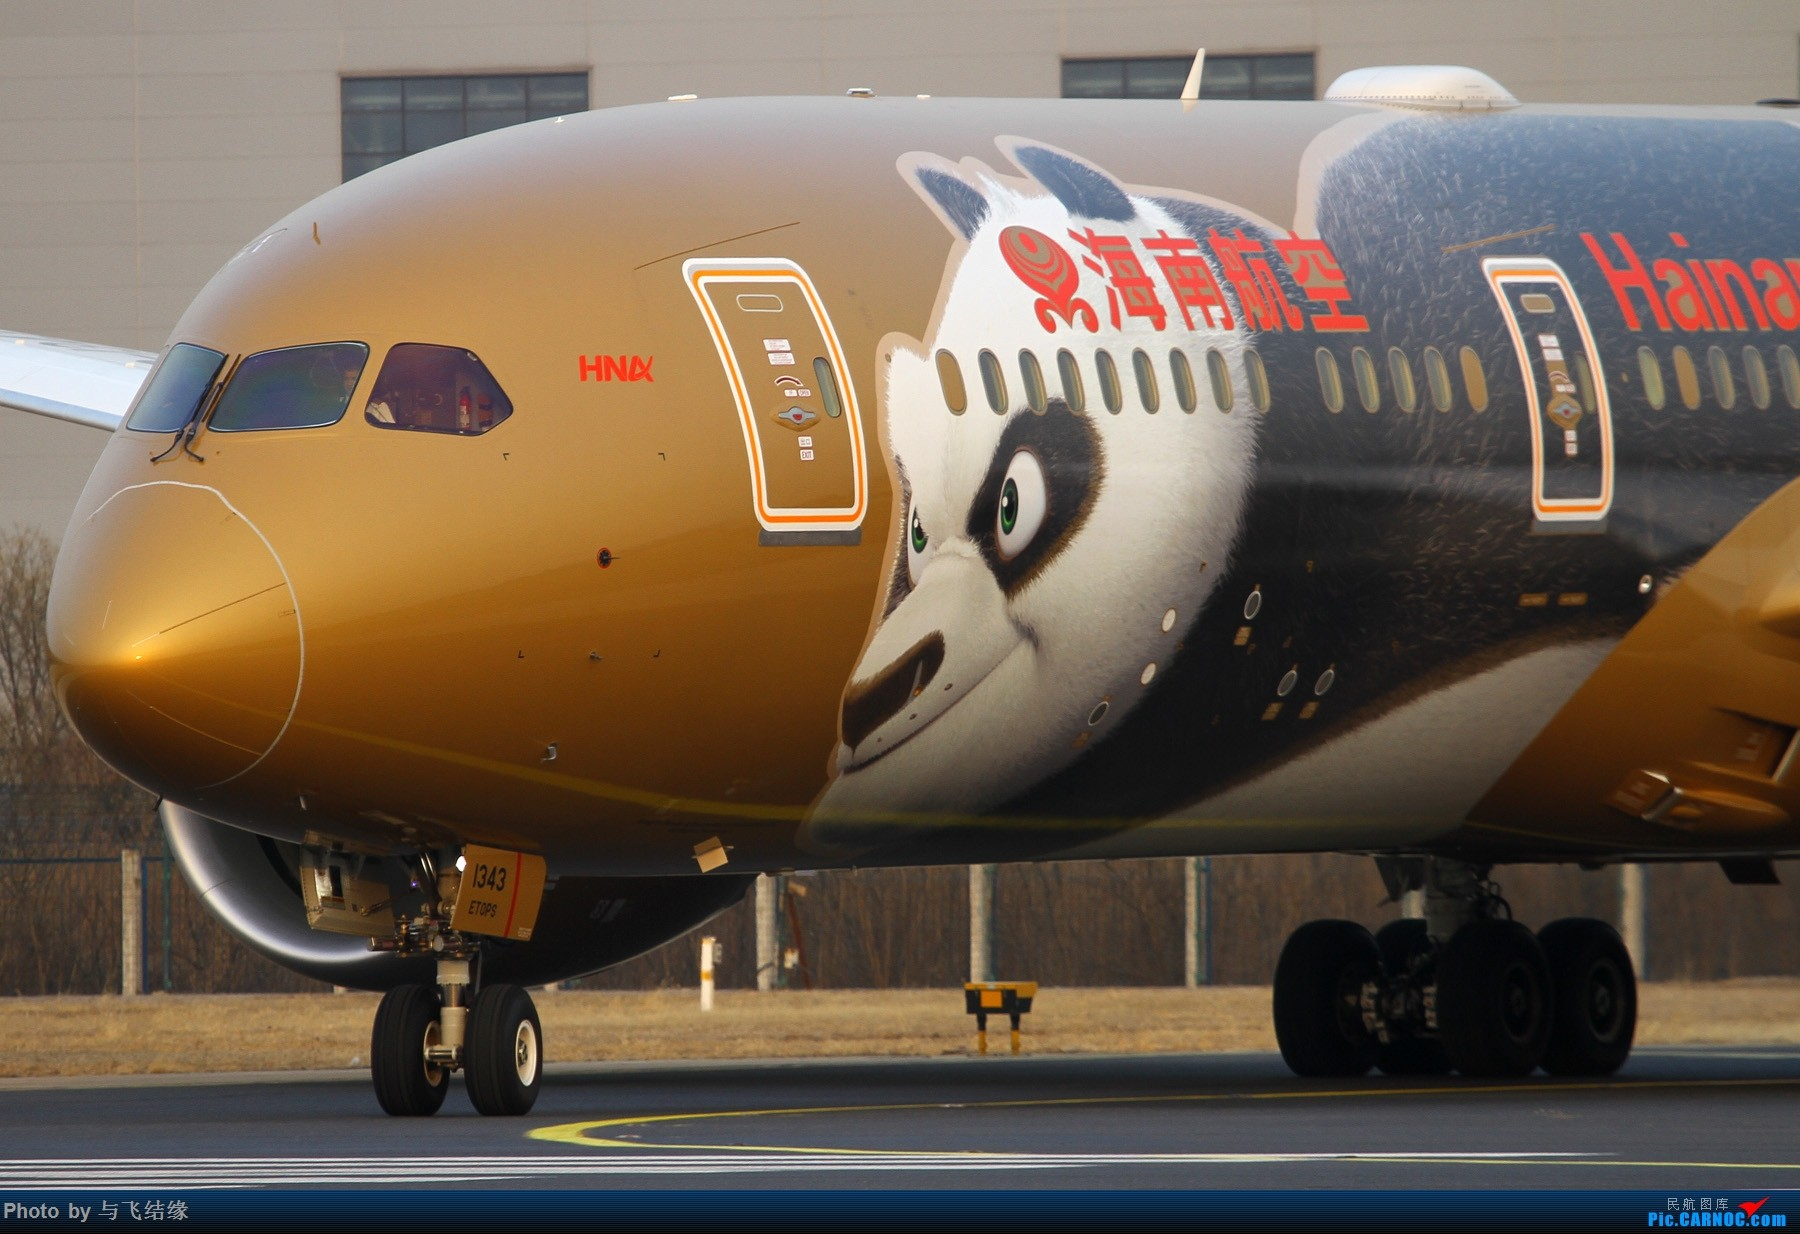 """Re:[原创]农历三十再发一贴,祝朋友们新年""""猪""""事顺利,吉祥如意! BOEING 787-9 B-1343 中国北京首都国际机场"""